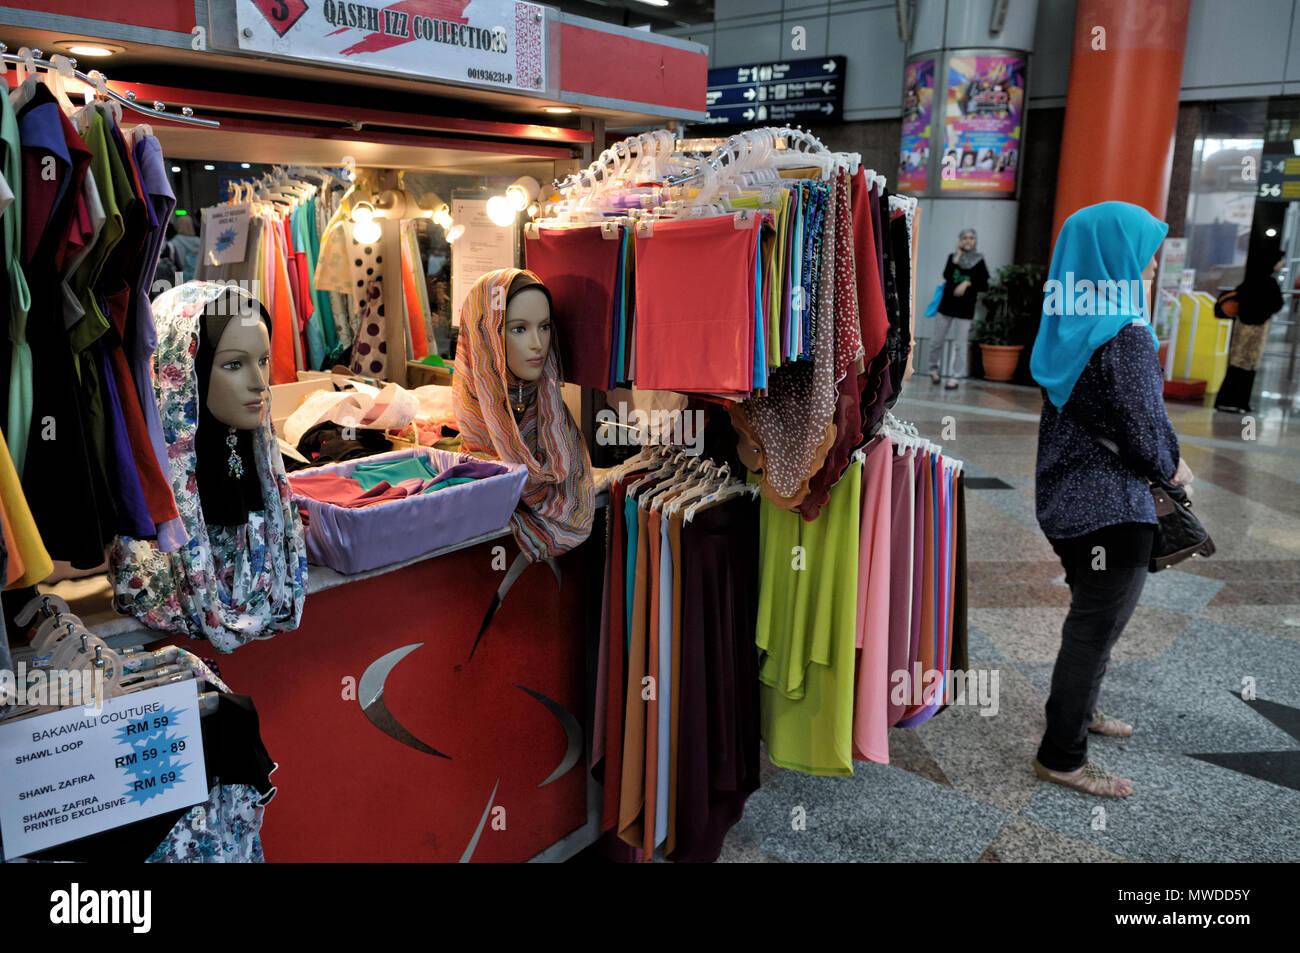 Small shop of hijabs (Islamic veils) in Kuala Lumpur, Malaysia - Stock Image